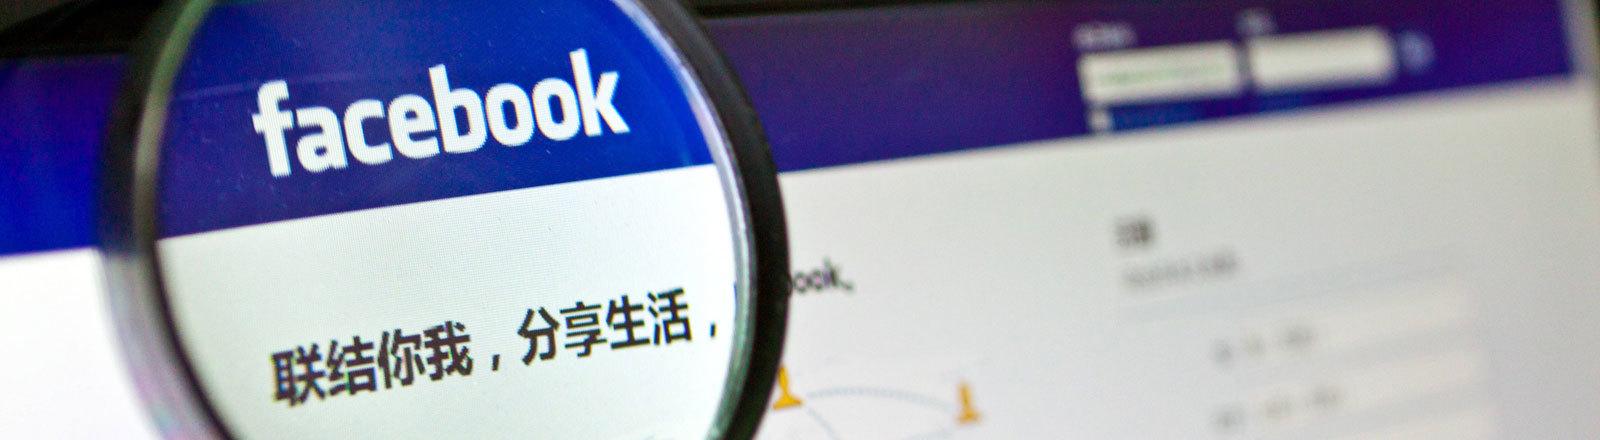 Lupe zeigt auf Facebook-Logo auf der Facebook-Website, aufgerufen in China im Jahr 2012